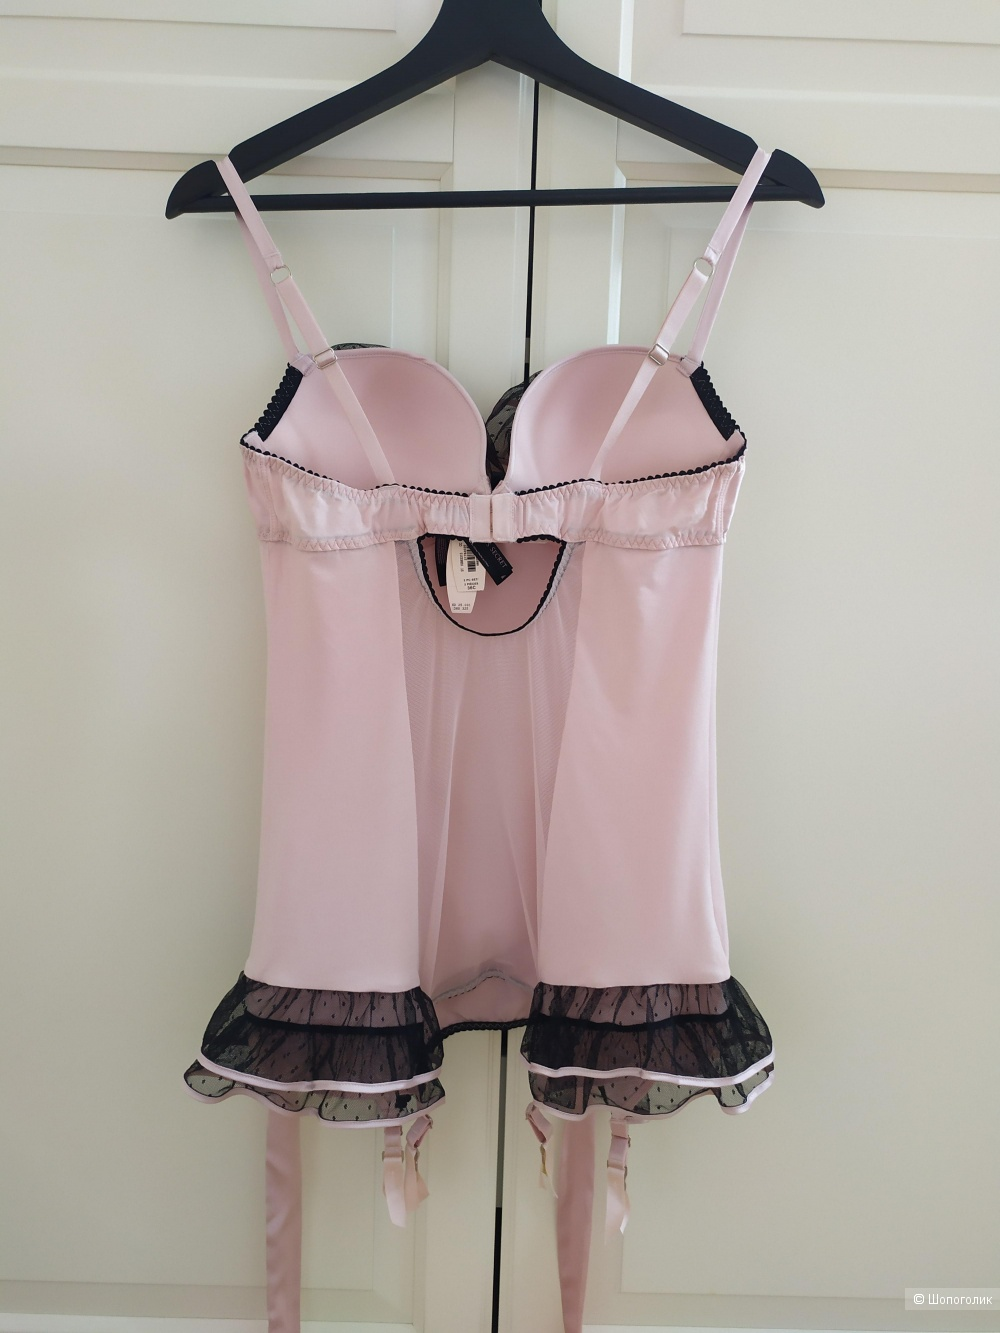 Бебидолл Victoria's Secret, размер 36C (80C), трусики L